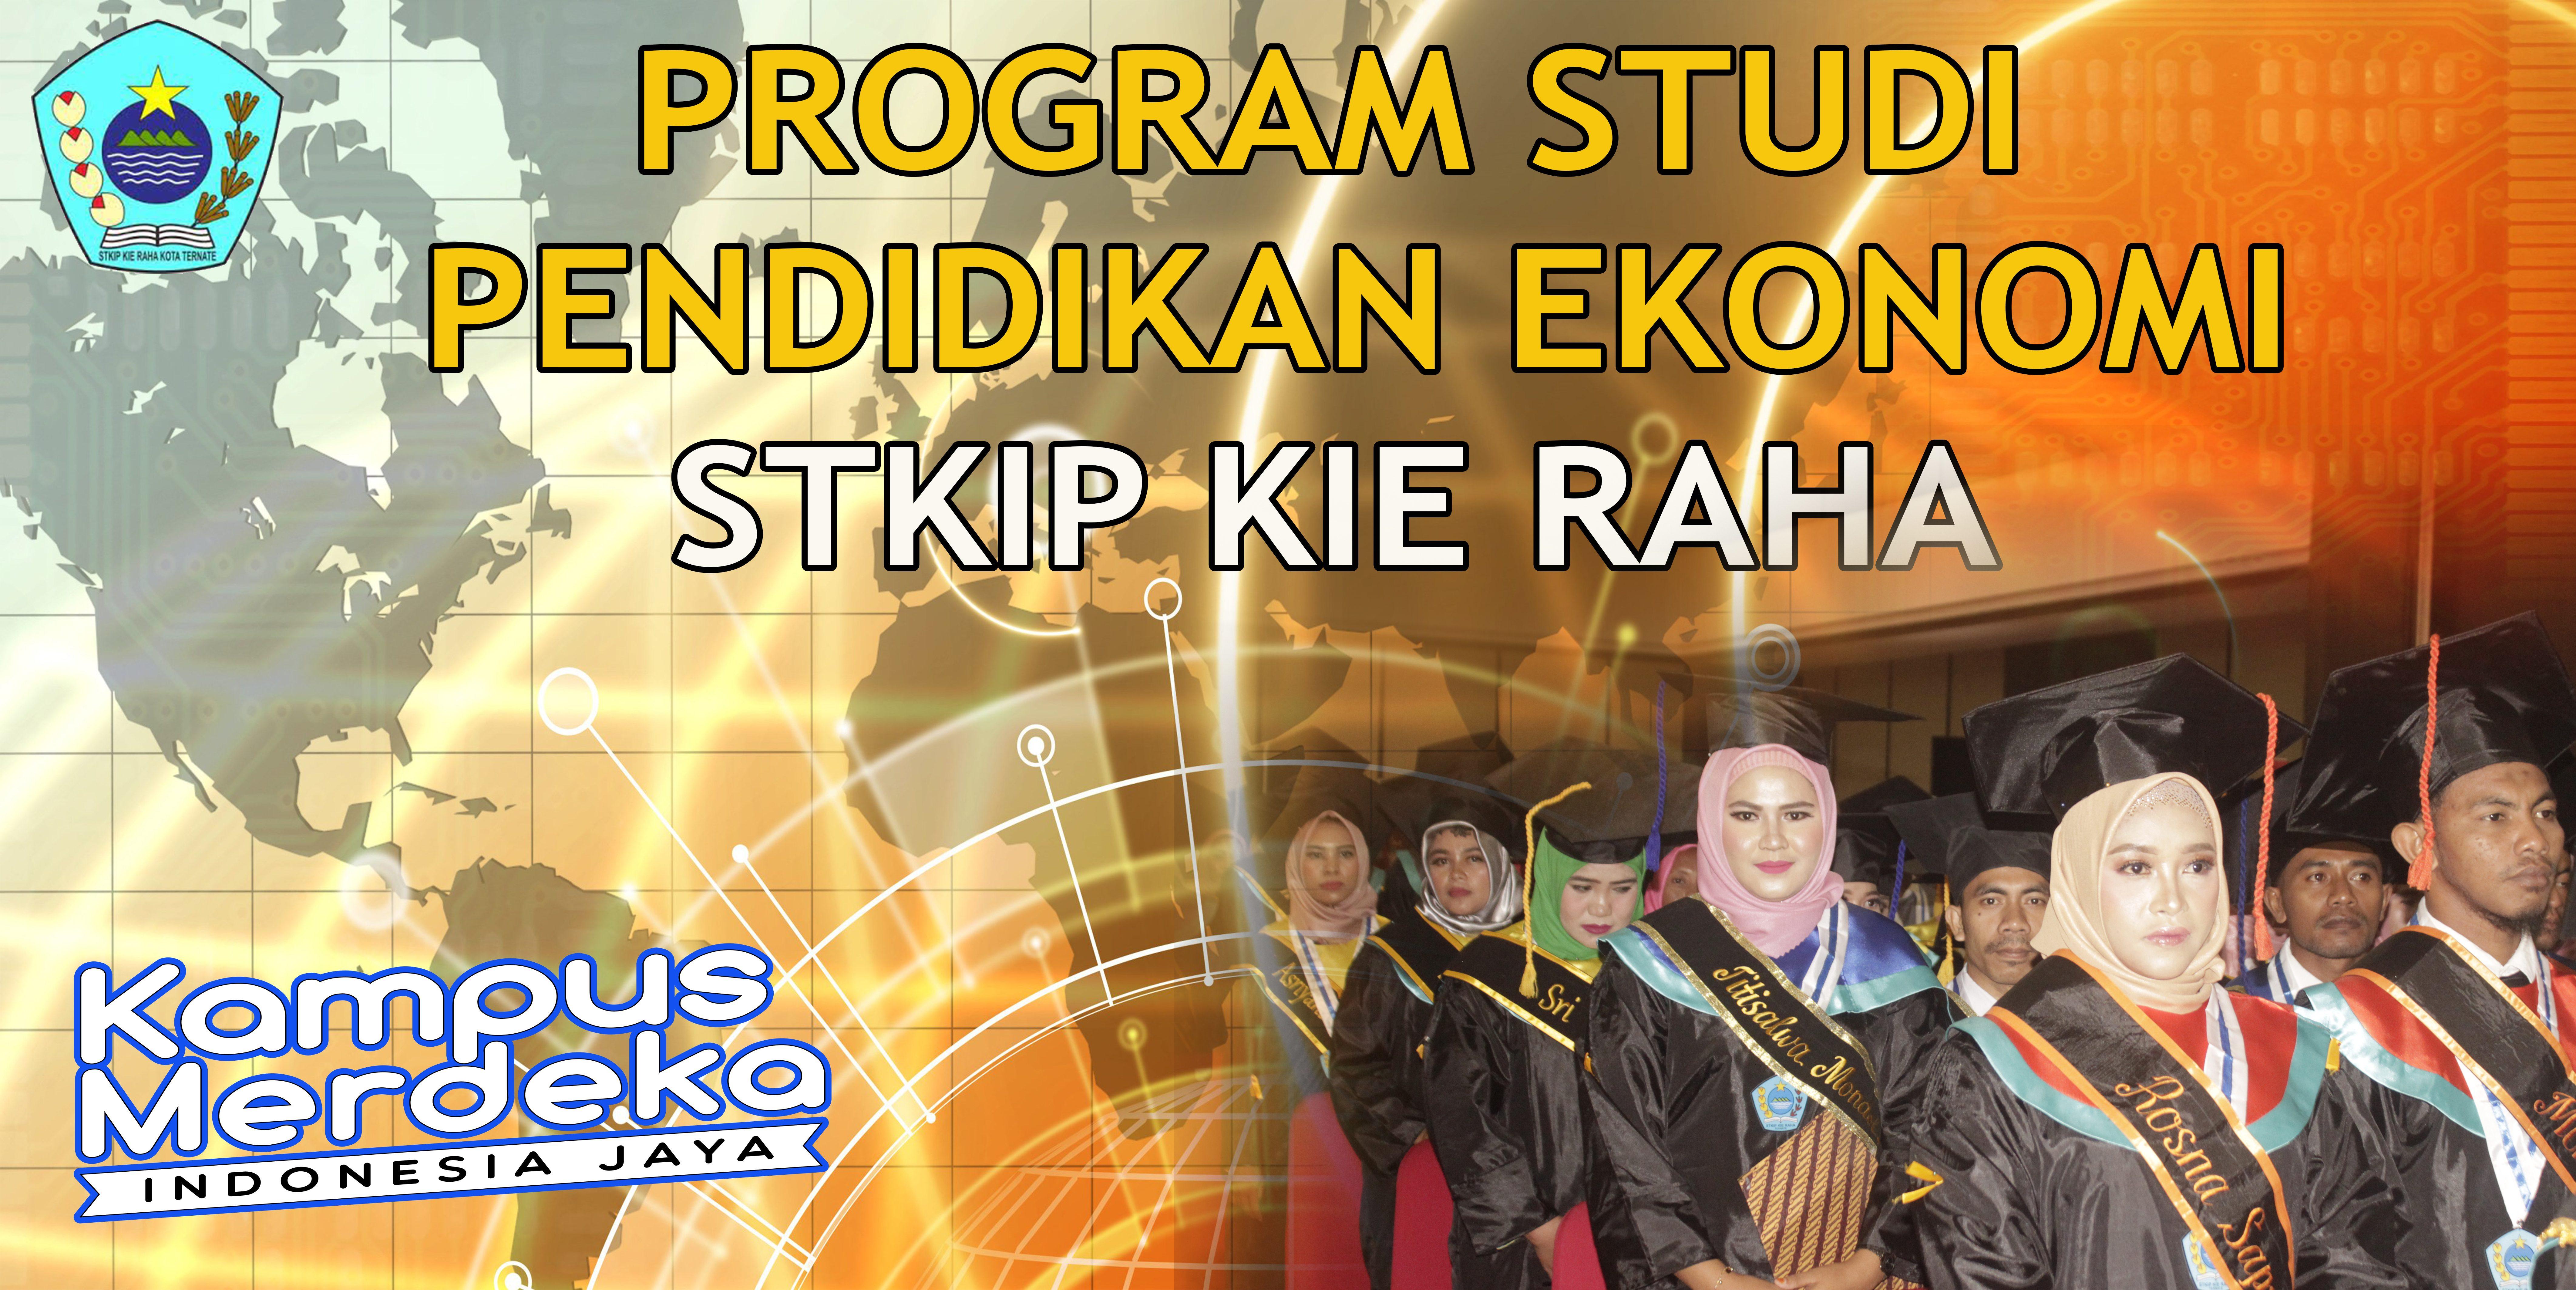 Program Studi Pendidikan Ekonomi